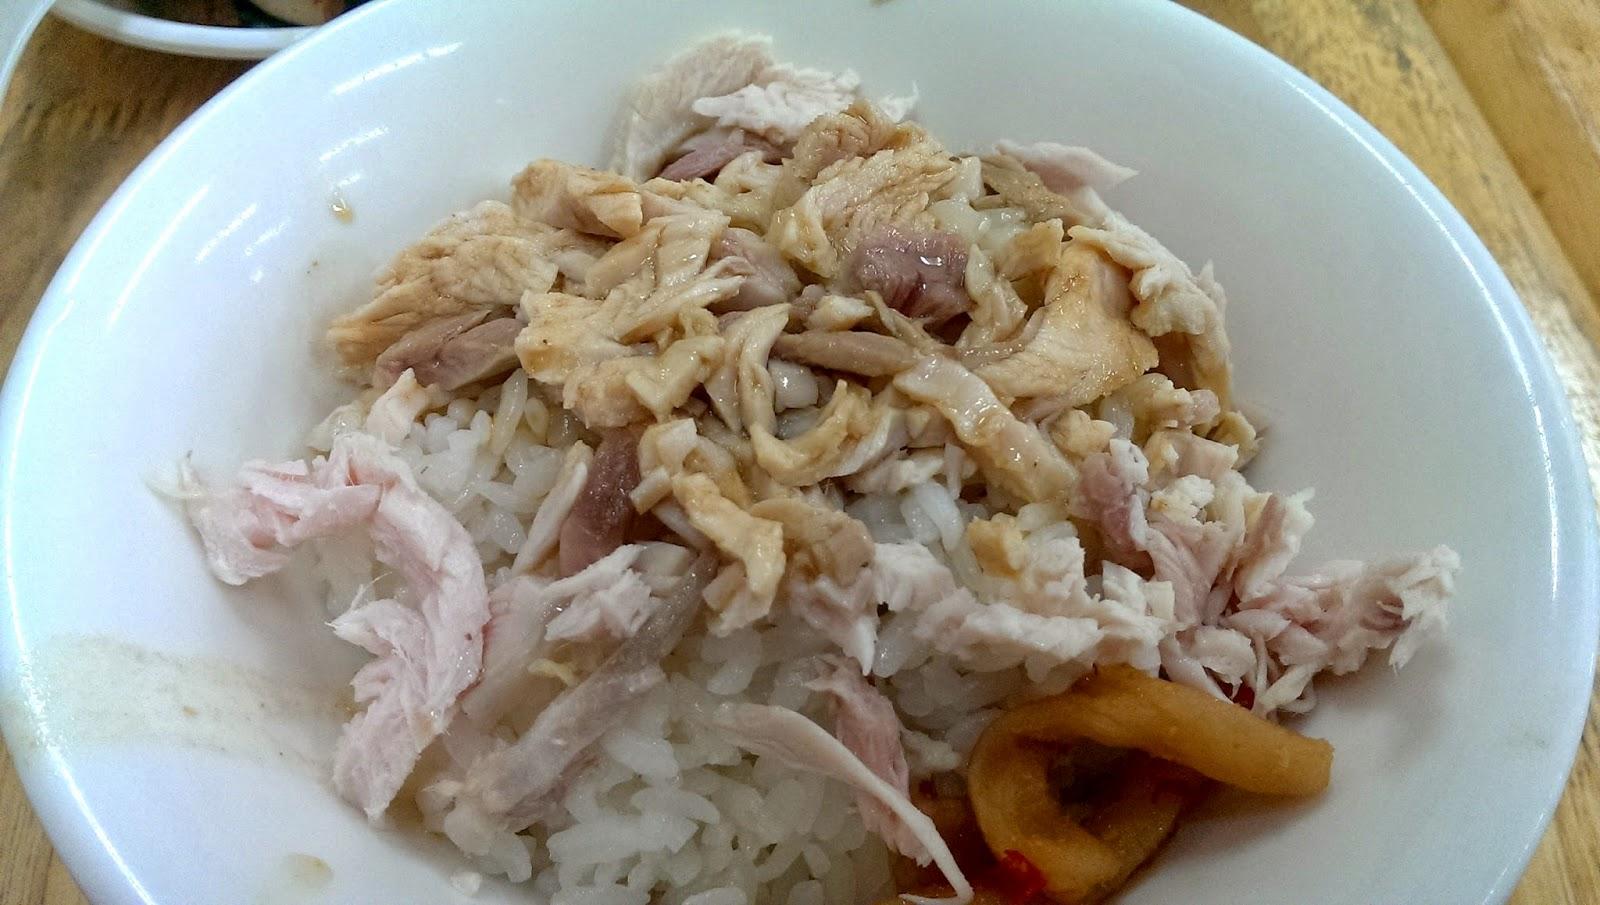 2015 02 11%2B11.37.40 - [食記] 微笑火雞肉飯 - 民雄出名的雞肉飯,自由時報曾評為嘉義雞肉飯第一!